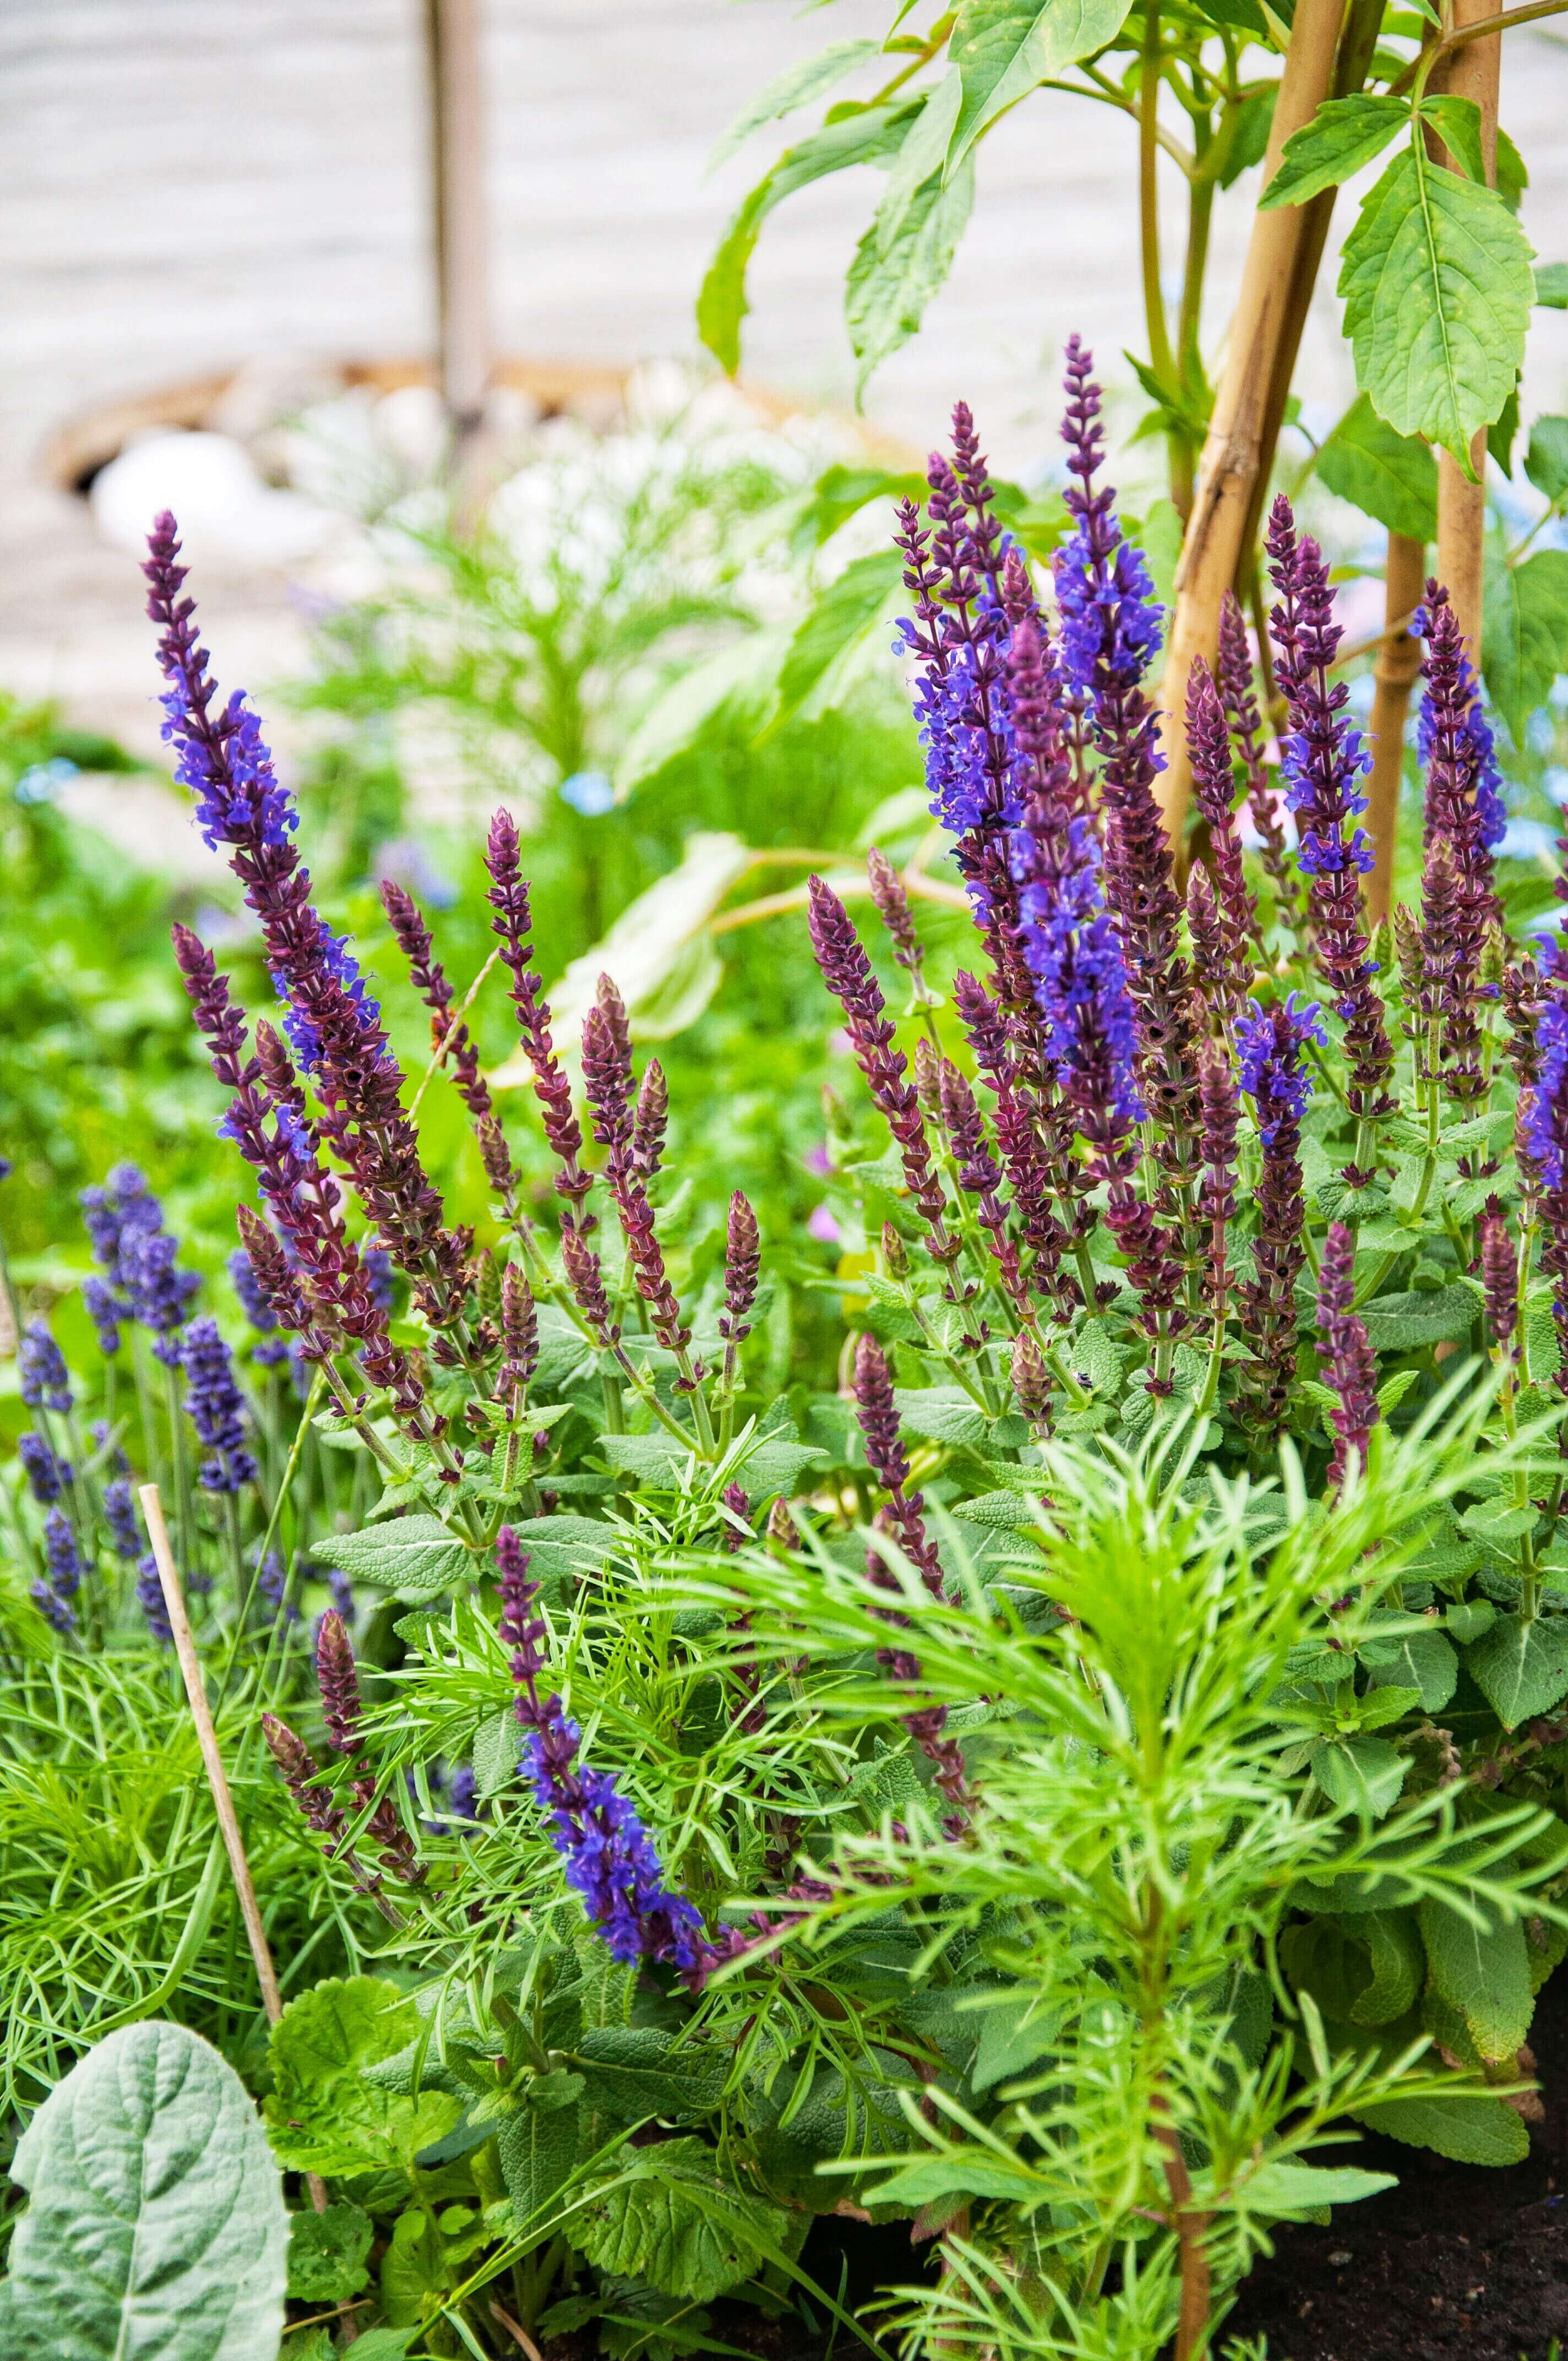 Stäppsalvia - Trädgård - Nilssons plantskola - blommor och bin, Leonor Juhl K - Fröken Turkos